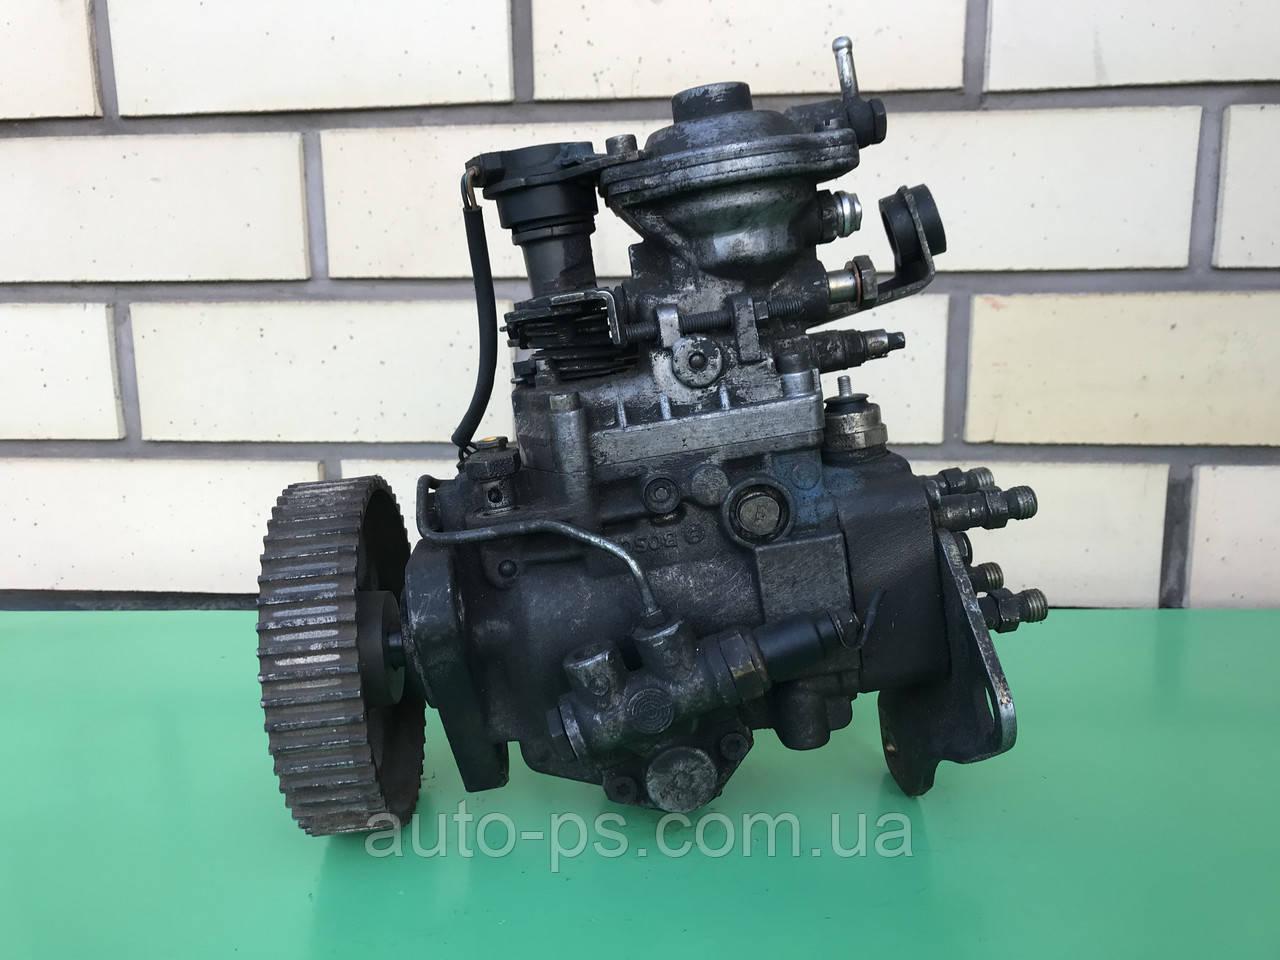 Топливный насос высокого давления (ТНВД) Fiat Strada 1.7TD 1999-2010 год